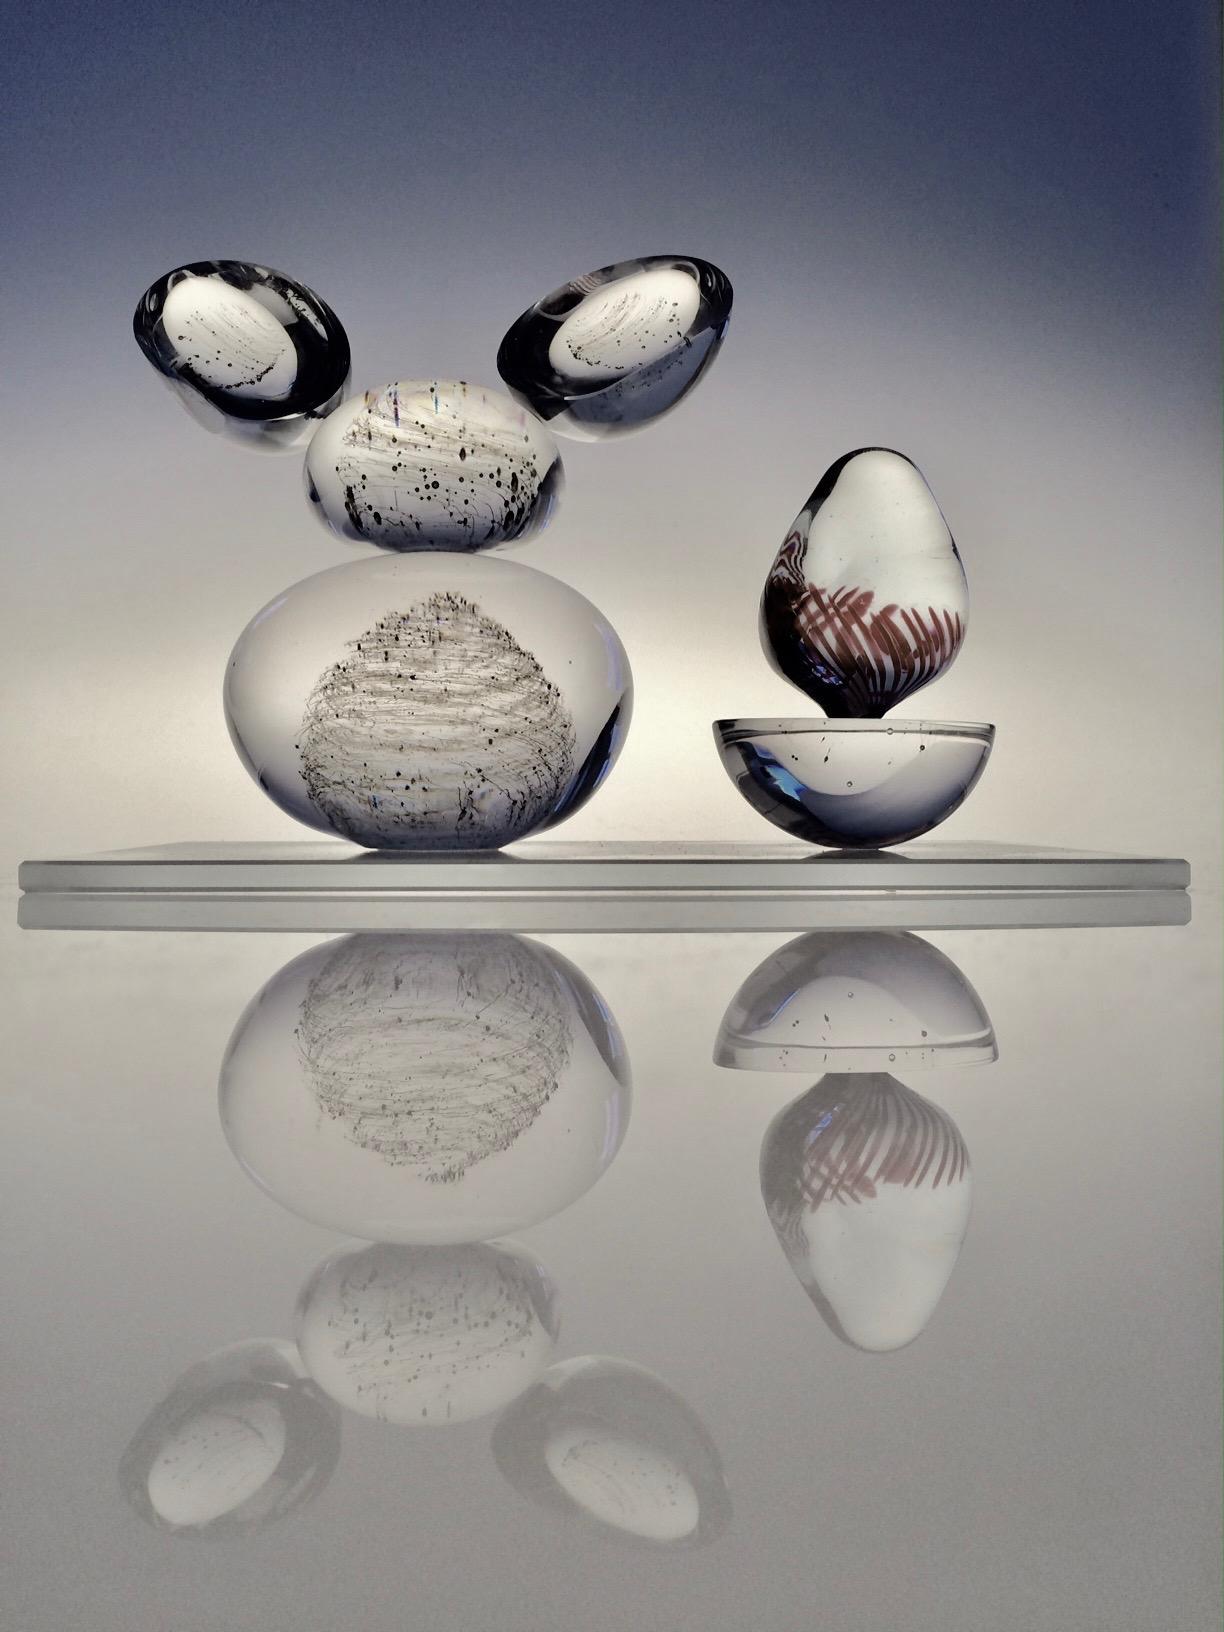 Taidelasia Nuutajärveltä – Yrjö Liipolan taidemuseo